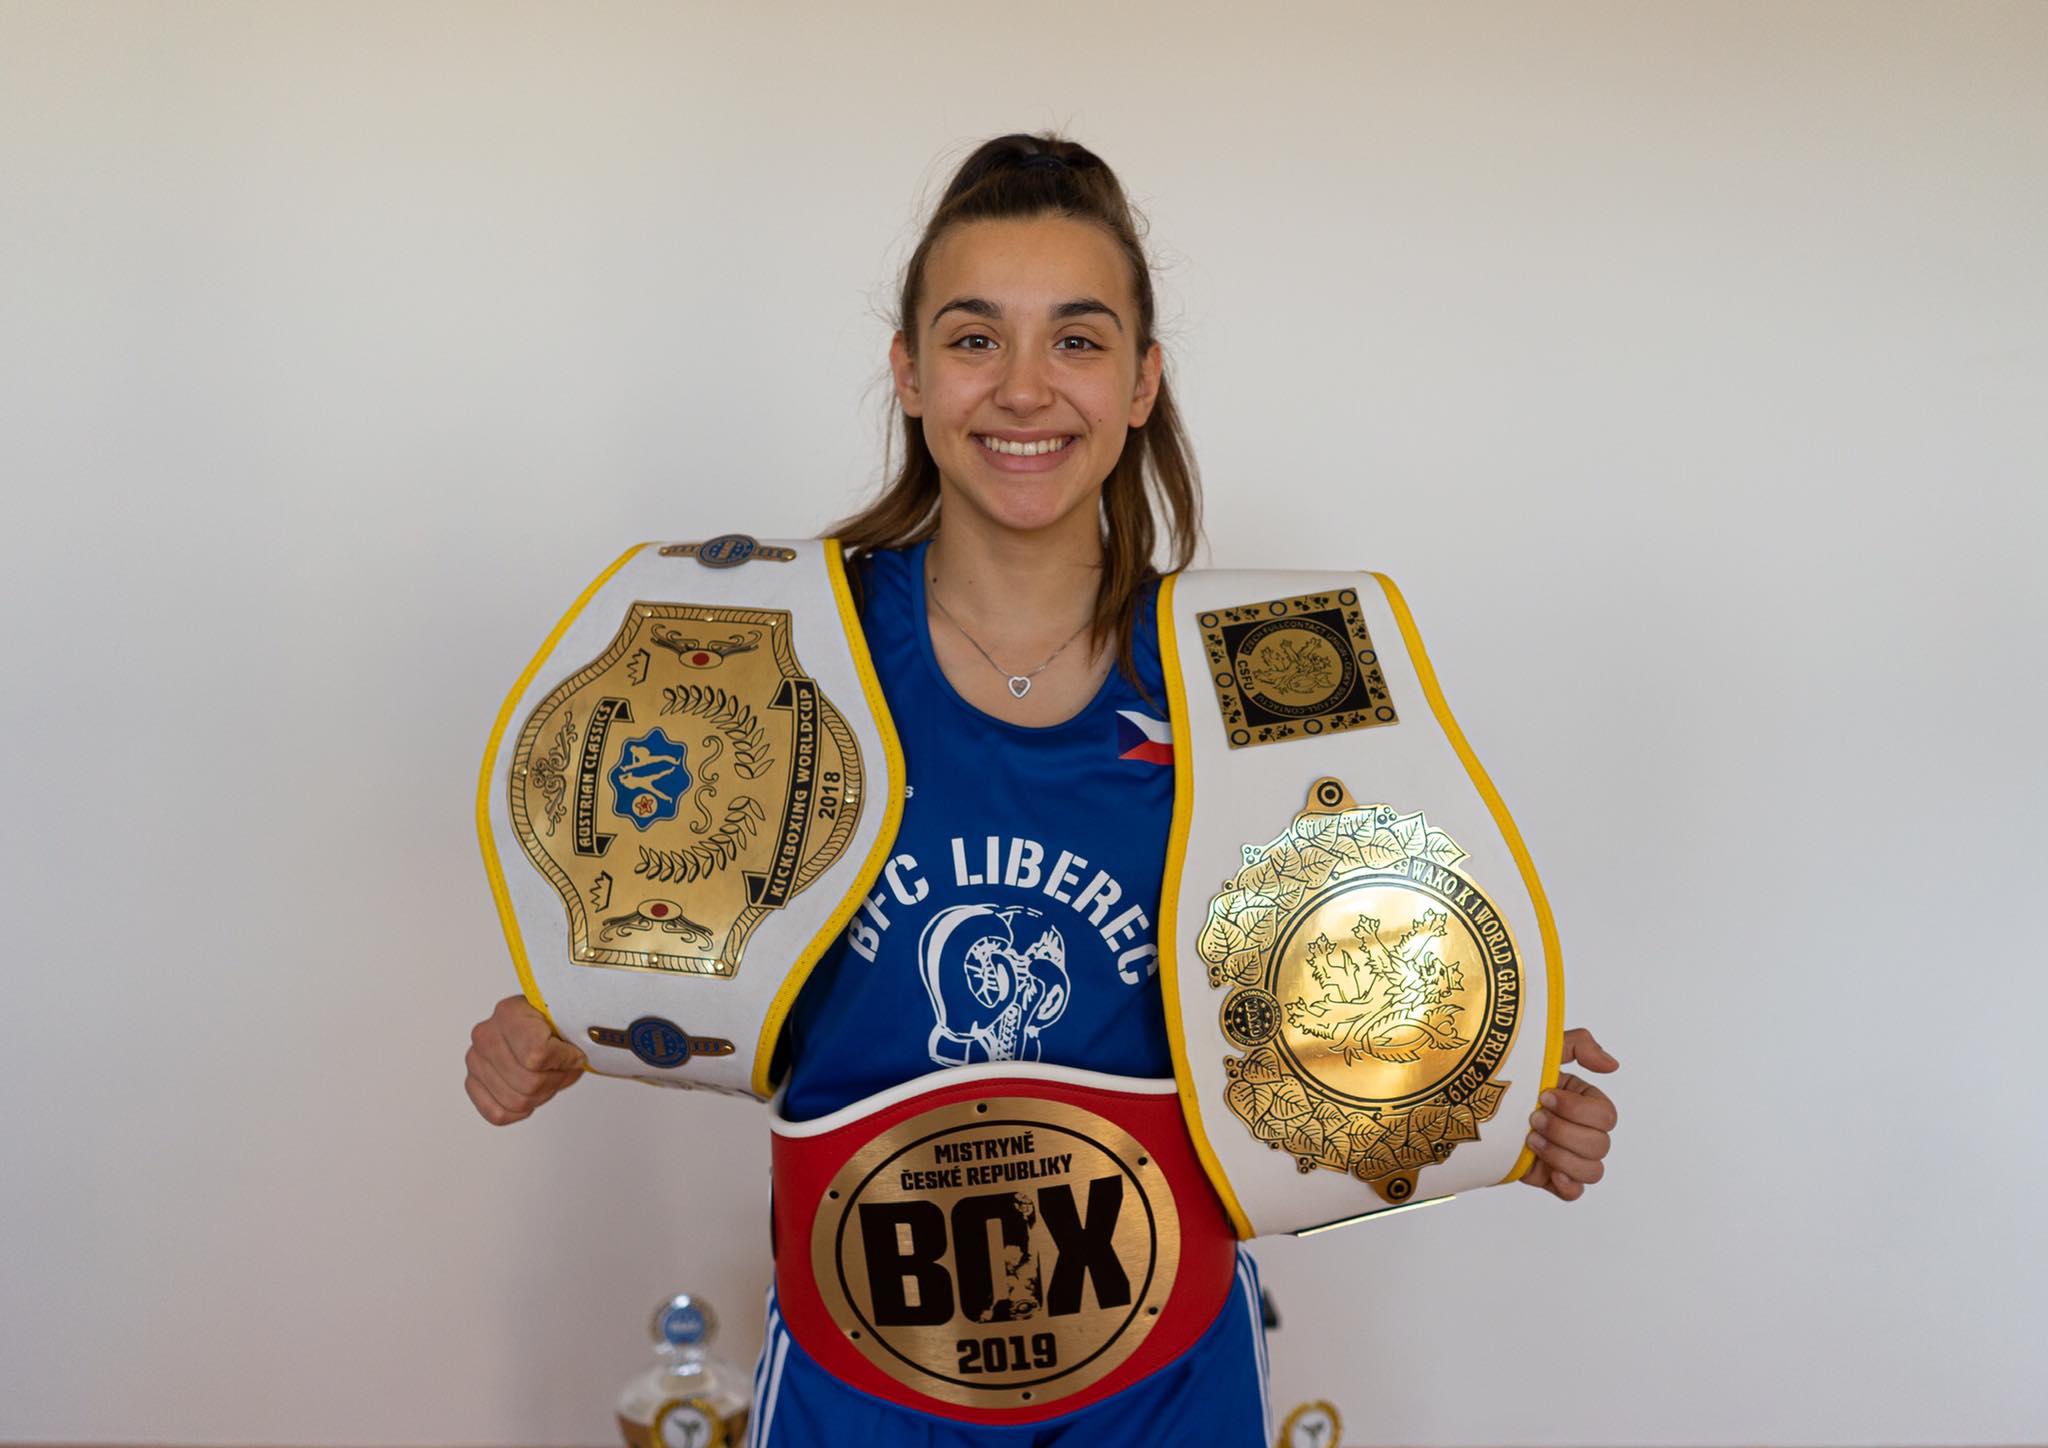 Отвъд граница: Ерика Станоева покорява чешкия ринг в два спорта